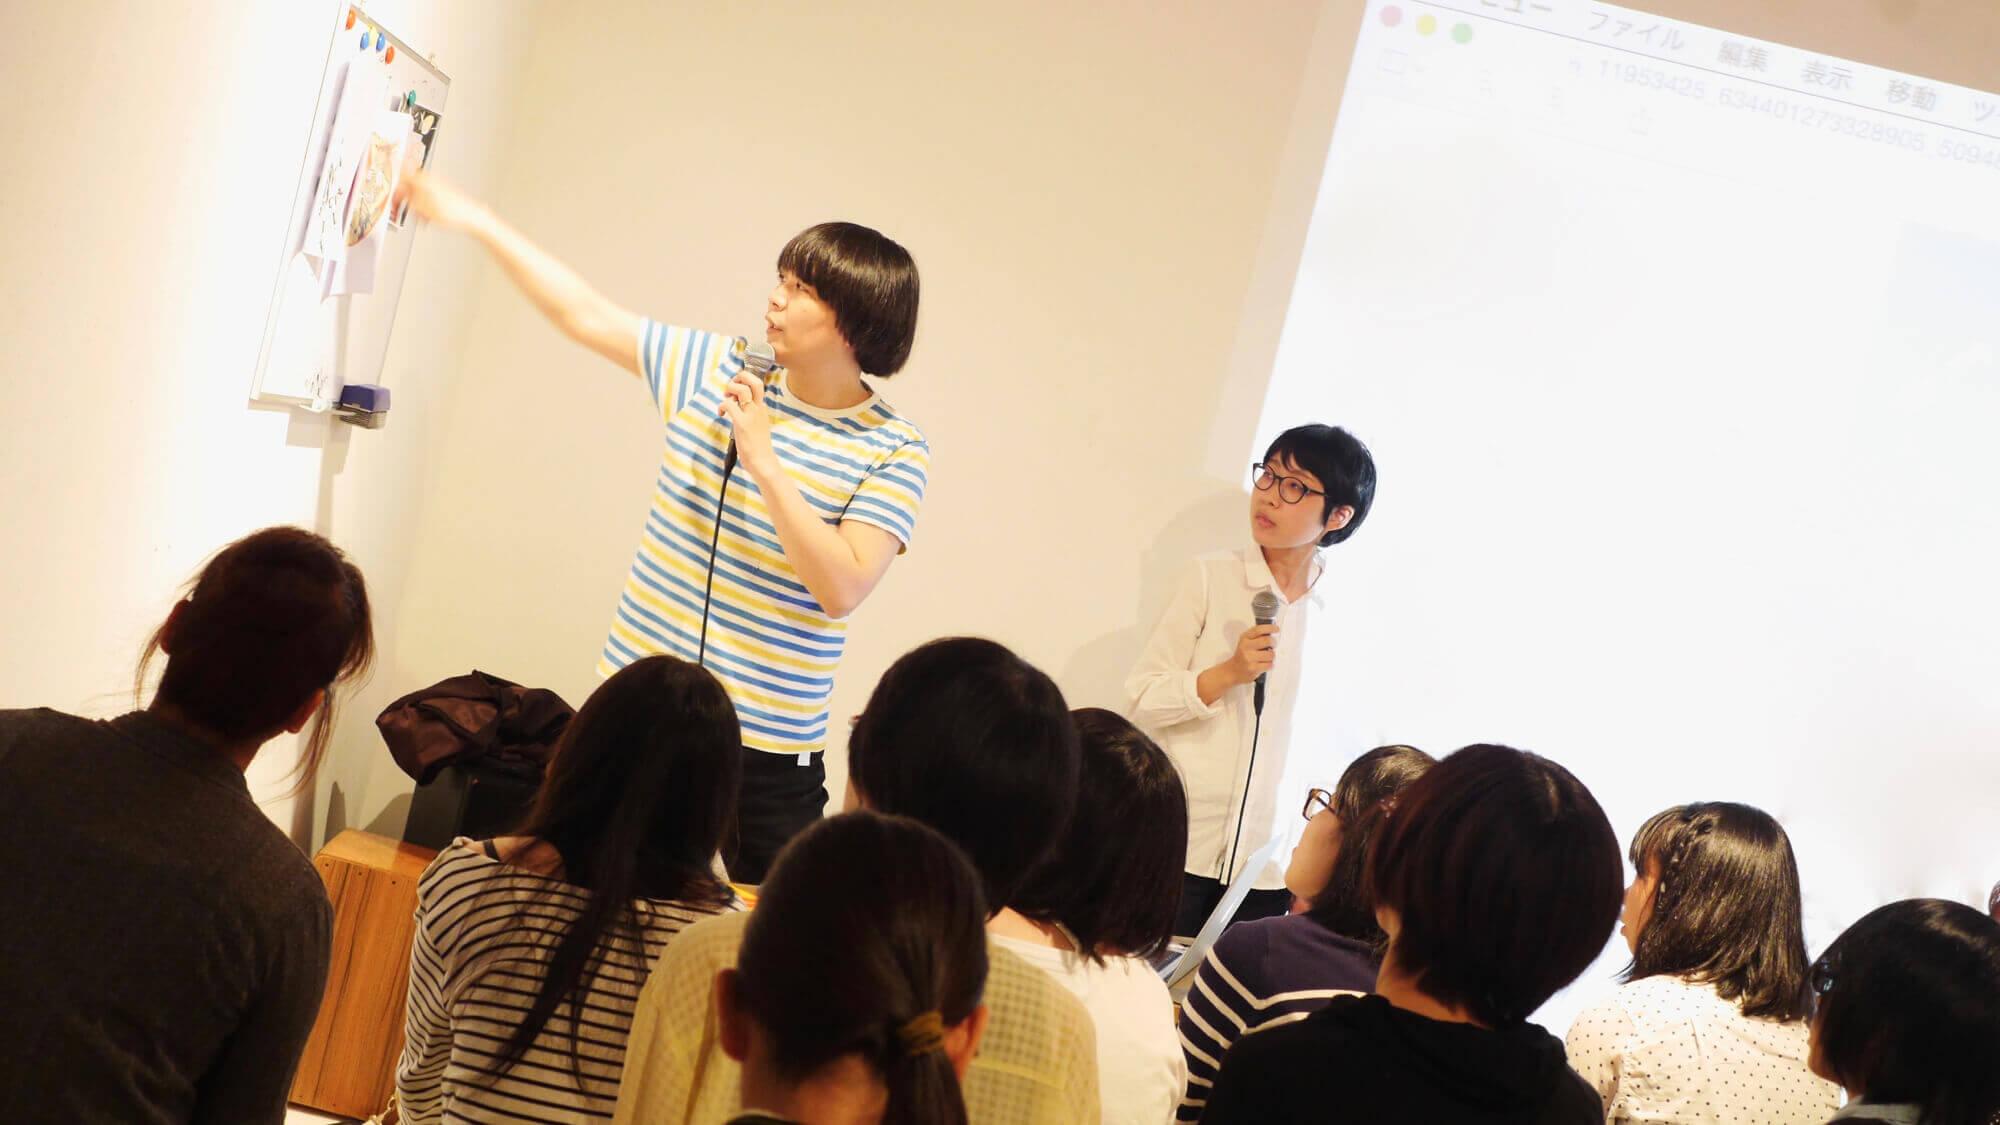 Terminal対談 : 中村佑介のイラスト教室 その2